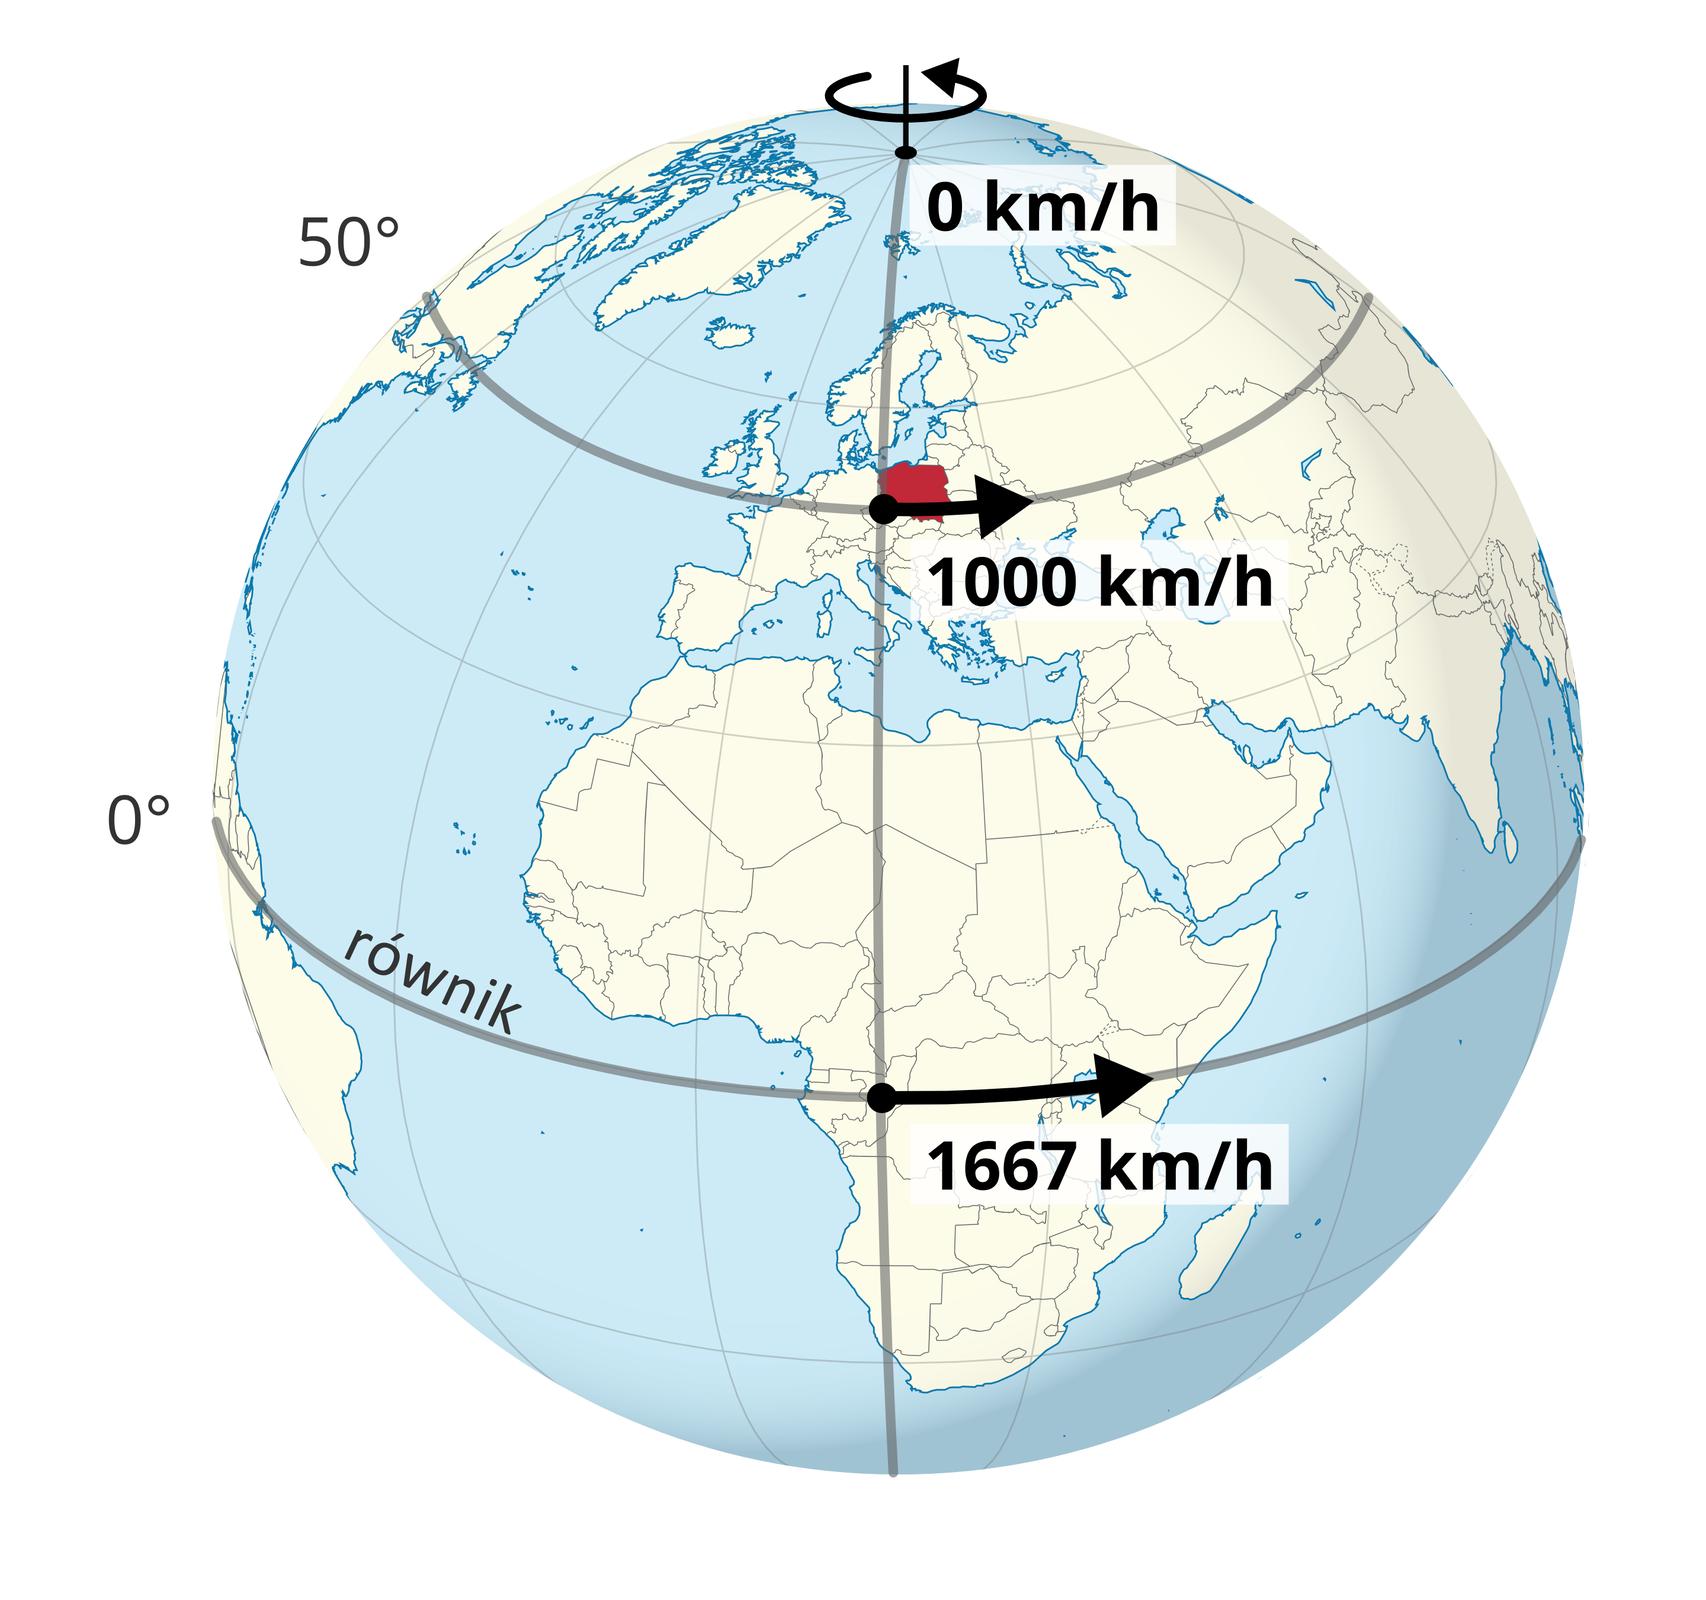 Ilustracja przedstawia kulę Ziemską. Na kuli są lekko zaznaczone południki irównoleżniki. Na powierzchni kuli kolor niebieski wskazuje powierzchnię oceanów imórz. Powierzchnia kontynentów biała. Granice poszczególnych państw zarysowane czarną linią. Dokładnie wpołowie, poziomo, kulę dzieli czarna linia równika. Powyżej pogrubiony równoleżnik pięćdziesiąt stopni szerokości geograficznej północnej przebiegający przez Europę iPolskę. Południk piętnasty długości geograficznej wschodniej jest pogrubiony. Przebiega przez zachodnie krańce Polski. Wmiejscu przecięcia tego południka zrównikiem czarna strzałka skierowana grotem wprawo. Strzałka pokrywa linię równika na długości około dwóch centymetrów. Poniżej informacja: tysiąc sześćset sześćdziesiąt siedem kilometrów, ukośnik, na godzinę. Wmiejscu przecięcia pogrubionego południka zpogrubionym równoleżnikiem także znajduje się strzałka zgrotem skierowanym wprawo. Strzałka pokrywa linię równoleżnika na długości około jednego centymetra. Poniżej informacja: tysiąc kilometrów, ukośnik, na godzinę. Na biegunie północnym czarny punkt. Przy nim napis: zero kilometrów, ukośnik, na godzinę.